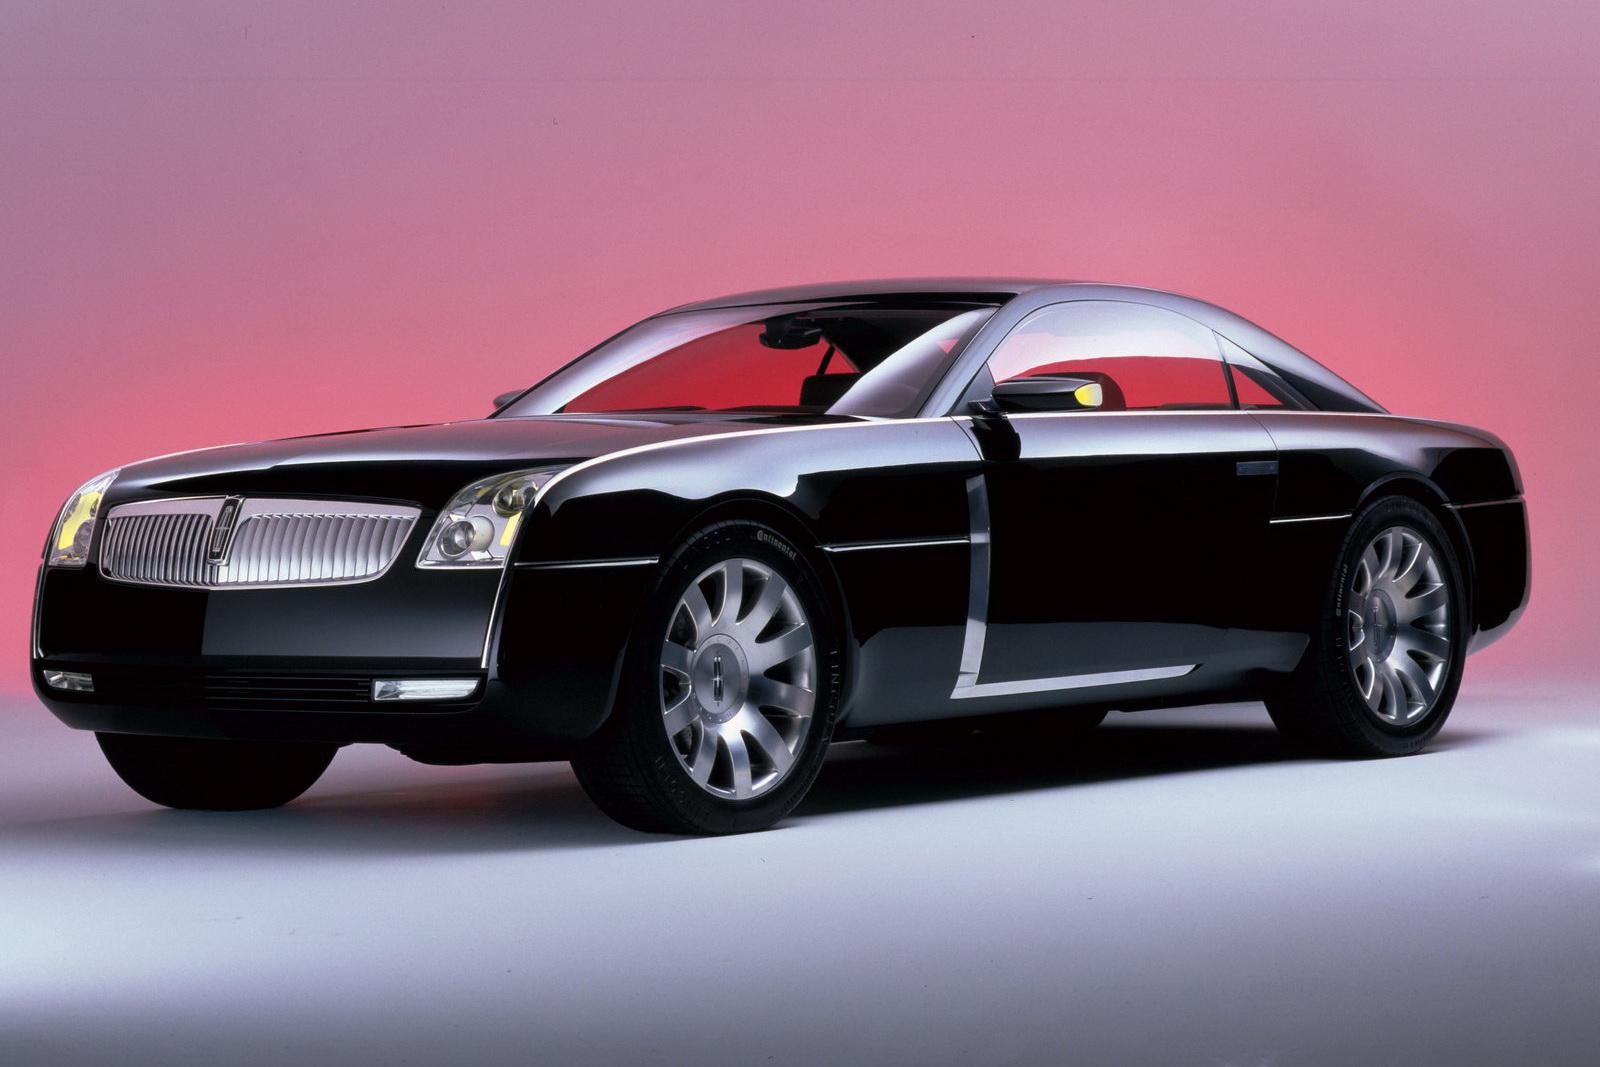 http://3.bp.blogspot.com/_6QiA8AKZBbU/TEEKz4VY7yI/AAAAAAAAC98/WLGrAfiX-cg/s1600/2001-Lincoln-MK9-Concept-1.JPG